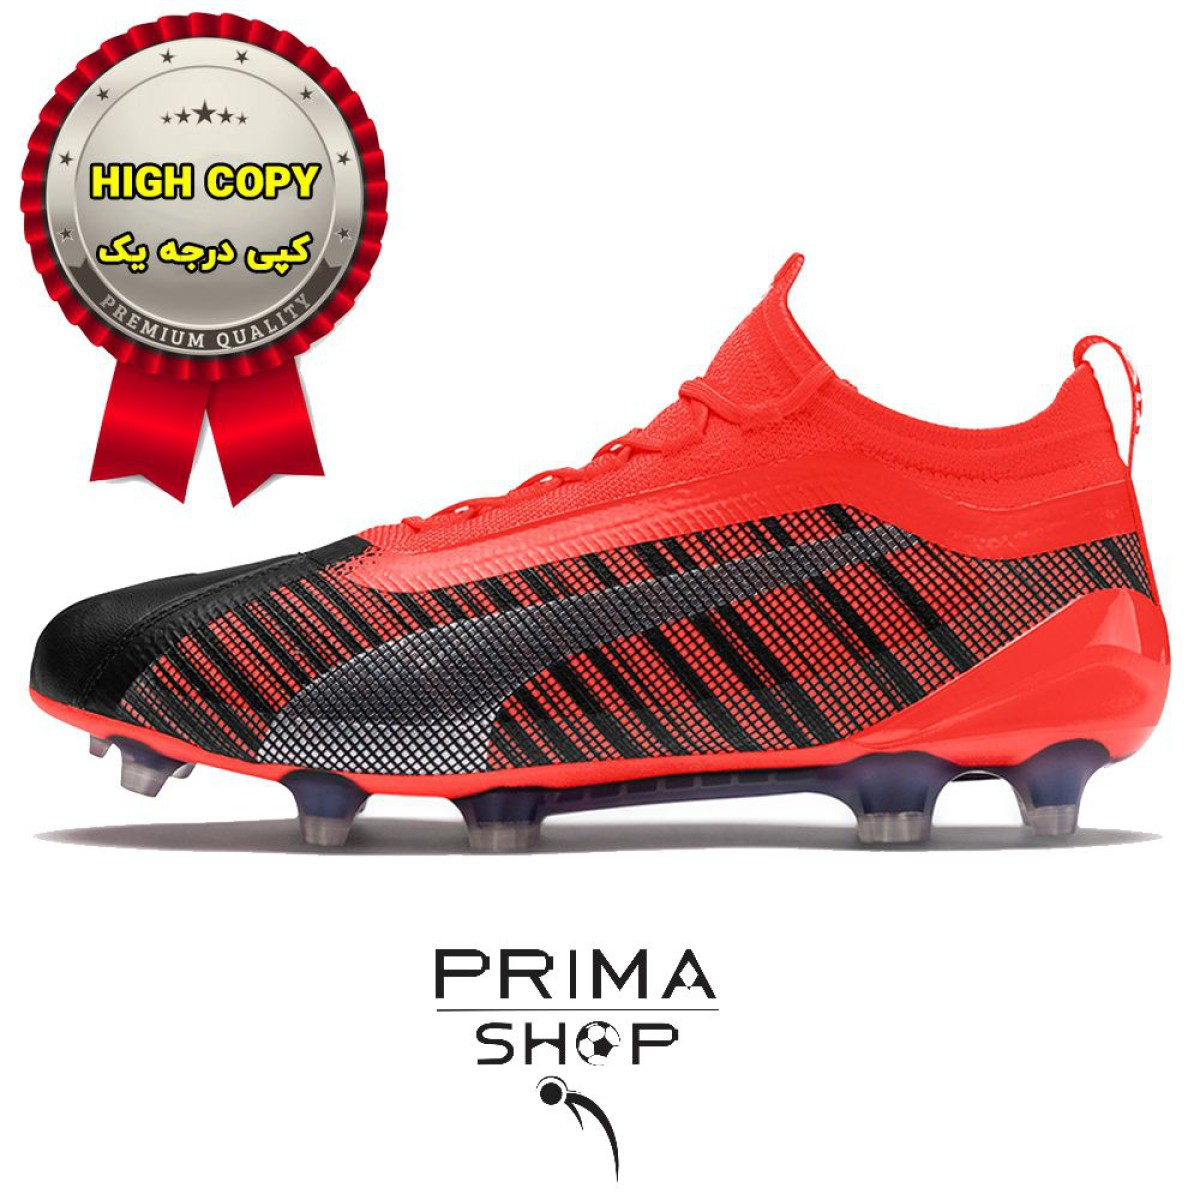 کفش فوتبال پوما وان 5.1 قرمز های کپی